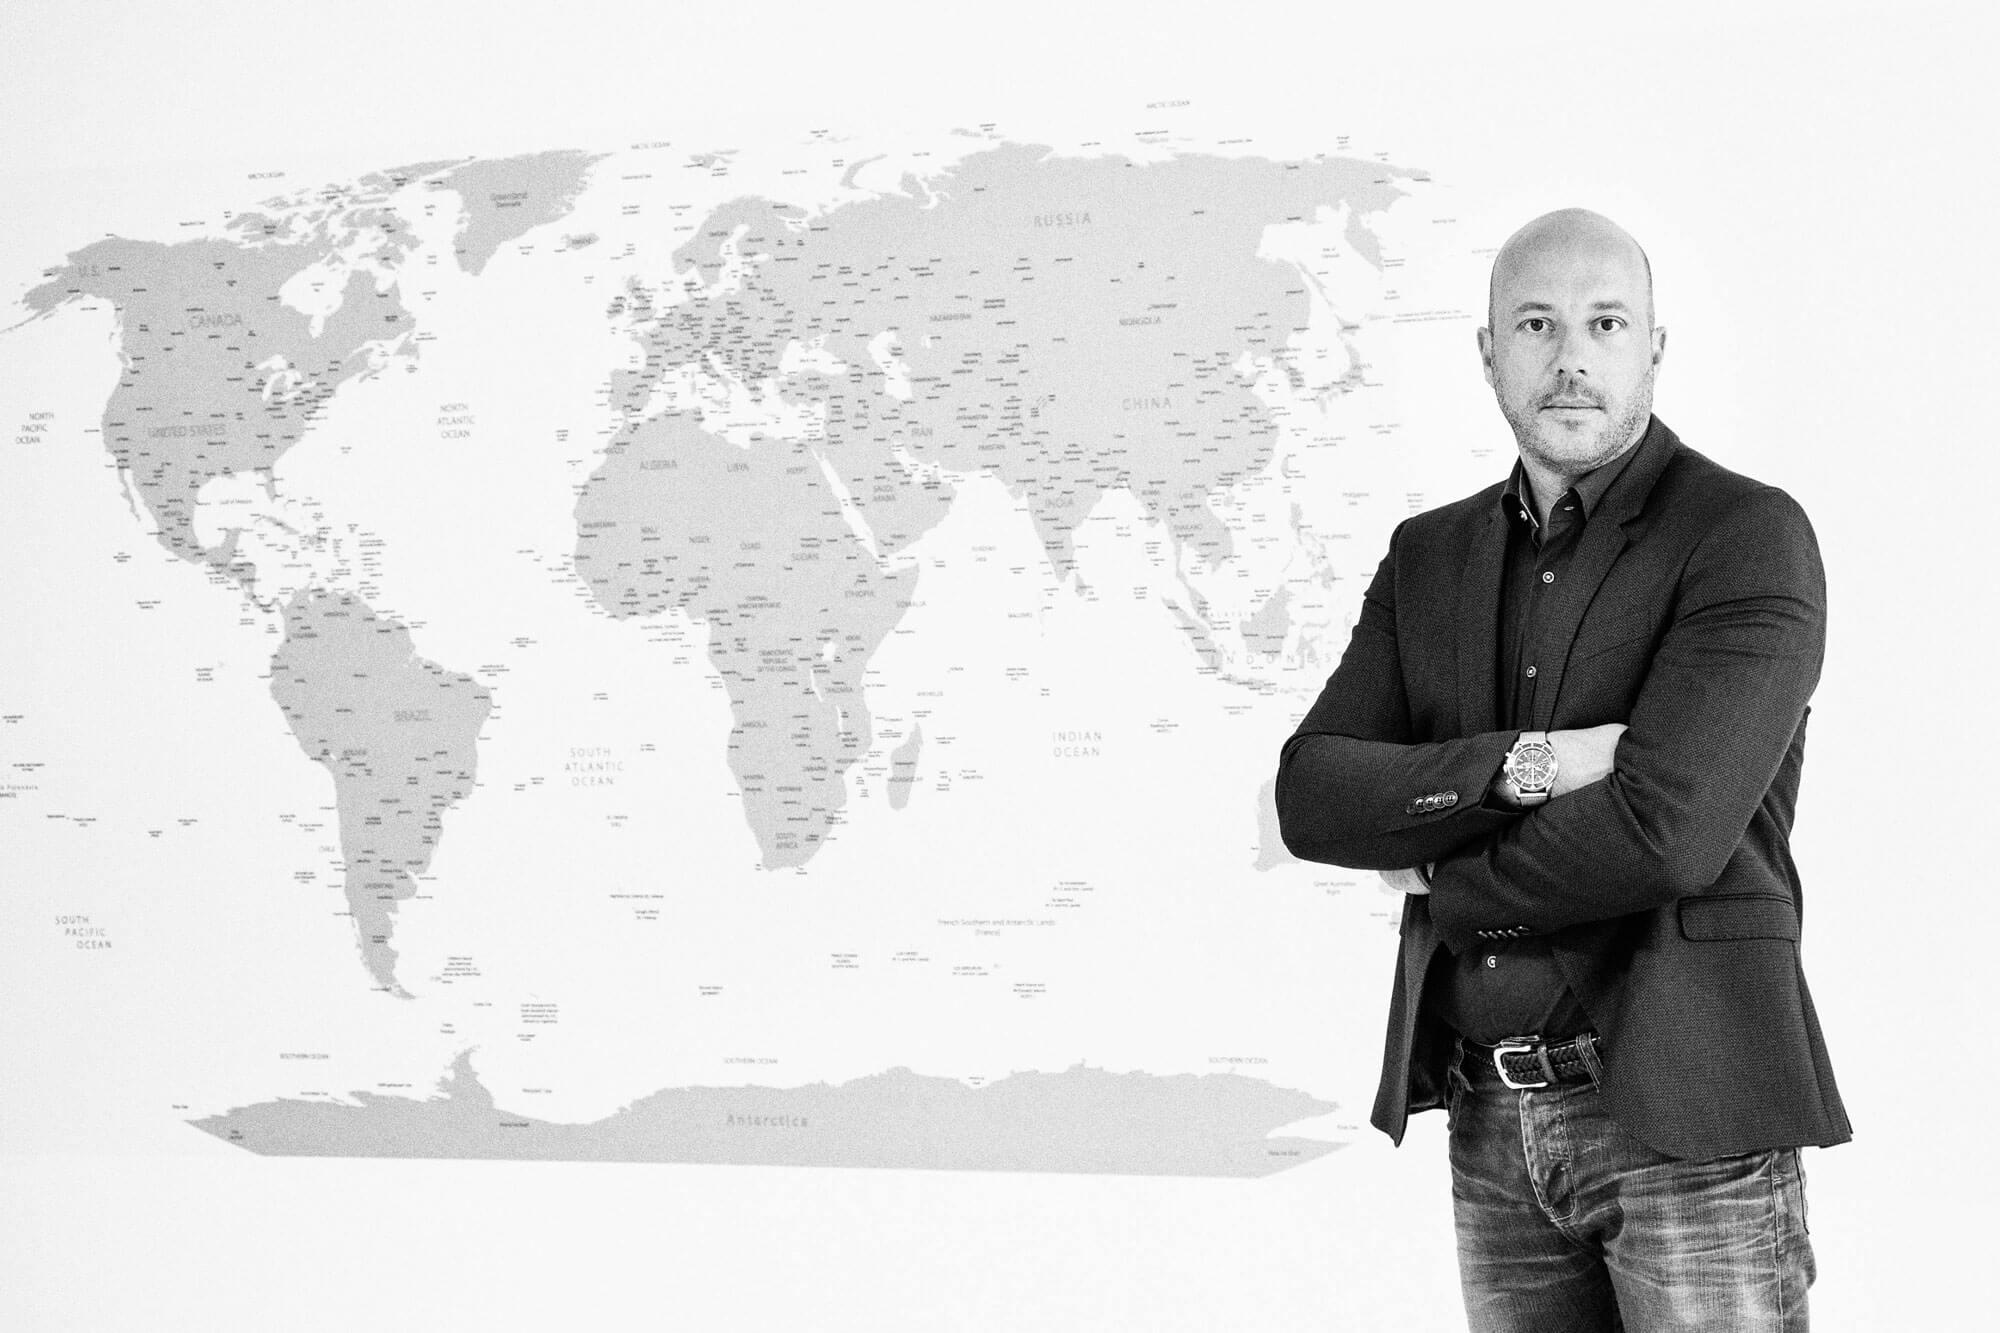 Holger Zulauf mit Weltkarte im Hintergrund